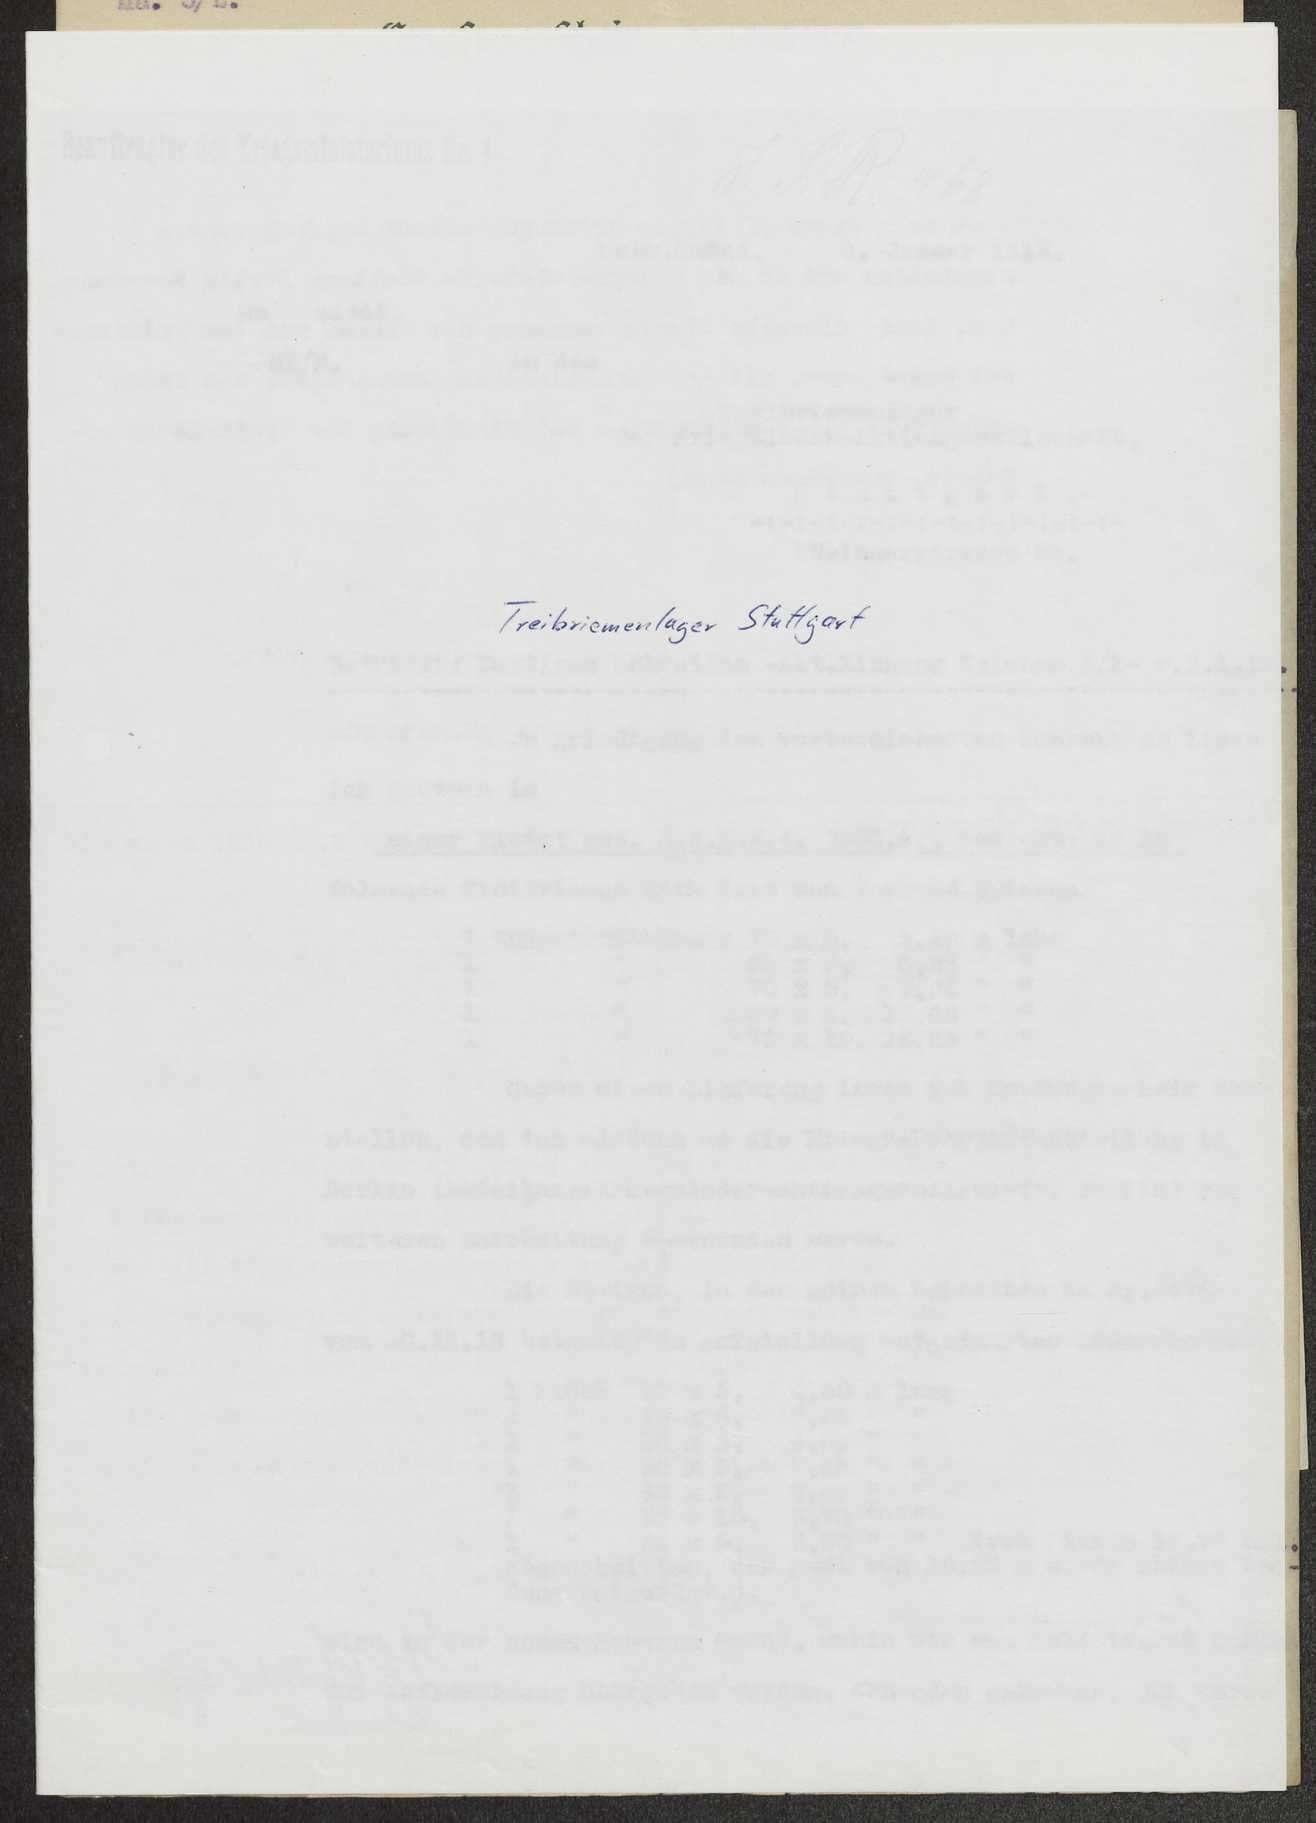 Beschlagnahme, widerrechtlicher Erwerb von Heeresgut, Bild 1